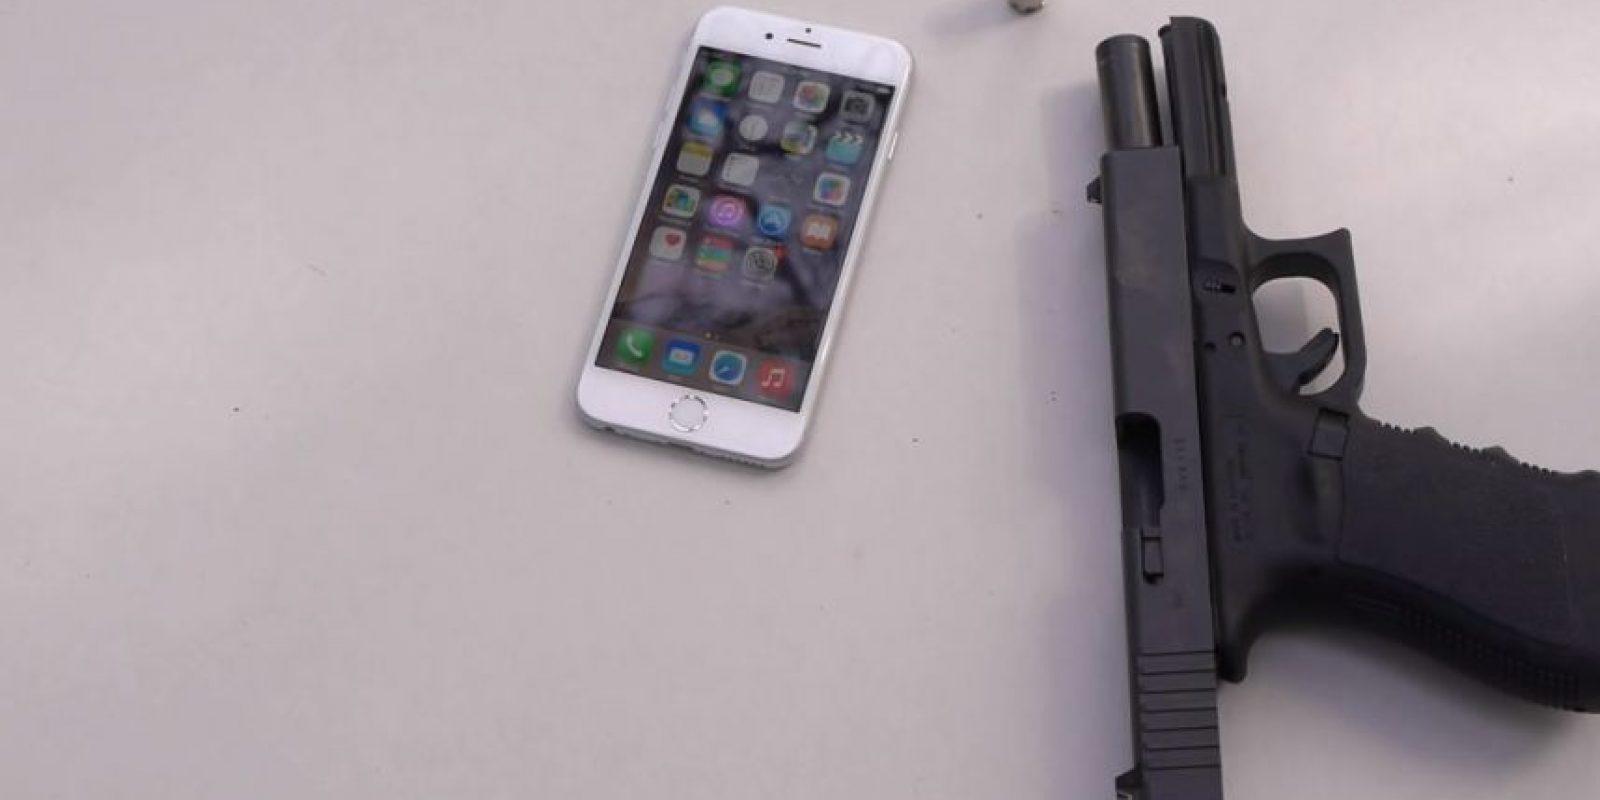 iPhone 6 contra una pistola. Foto:TechRax